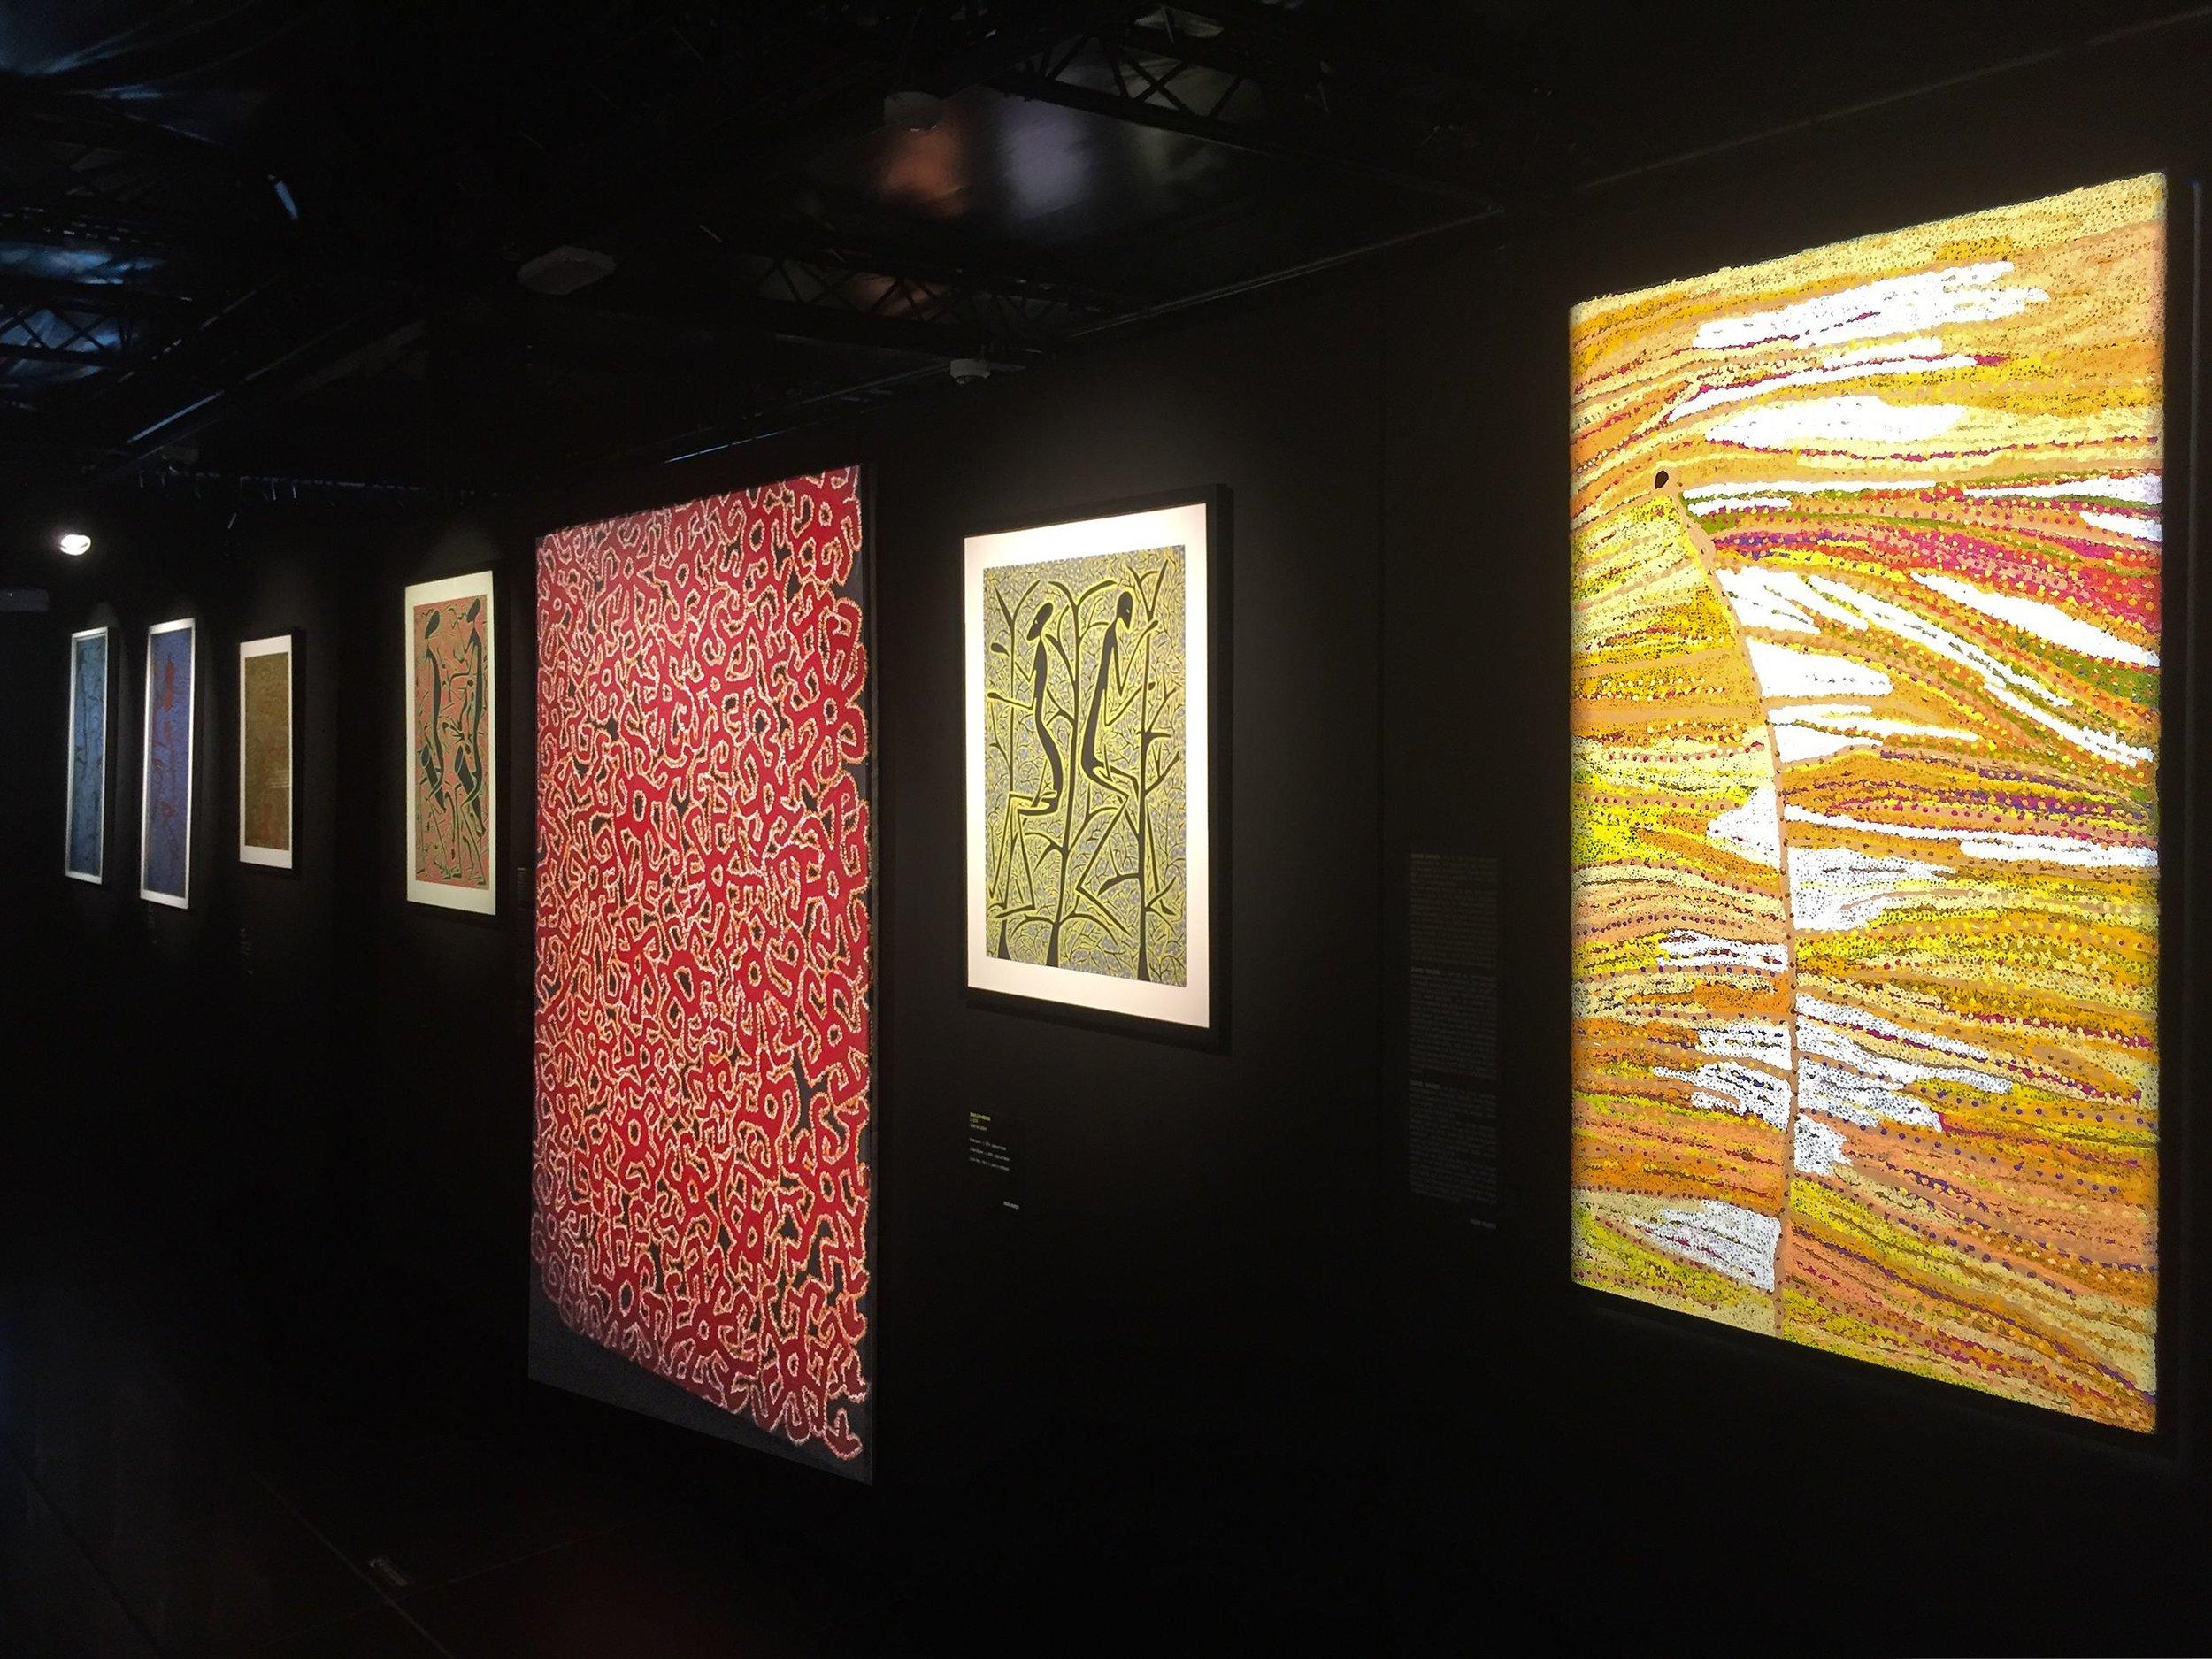 Vue de l'exposition retrospective Mode Muntu à la Cité Miroir à Liège. De droite à gauche : l'artiste Aborigène d'Australie Daniel Walbidi, l'artiste congolais Mode Muntu, l'artiste Aborigène Roy Underwood...